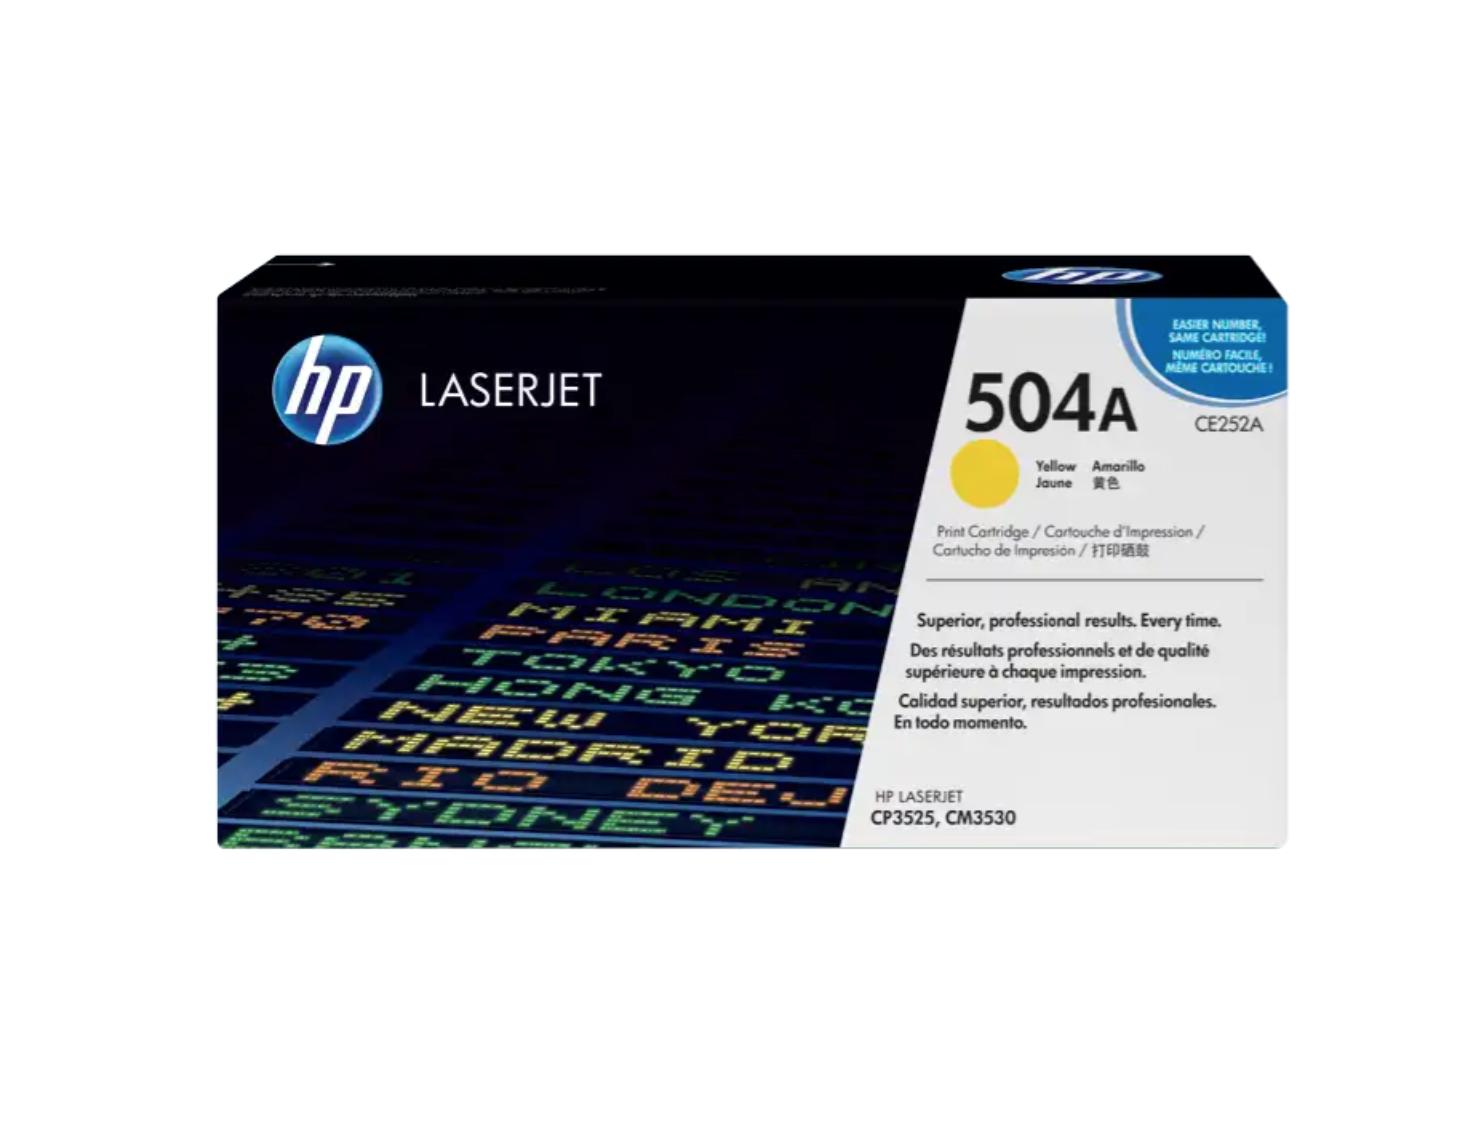 HP 504A 黃色原廠 LaserJet 碳粉 CE252A